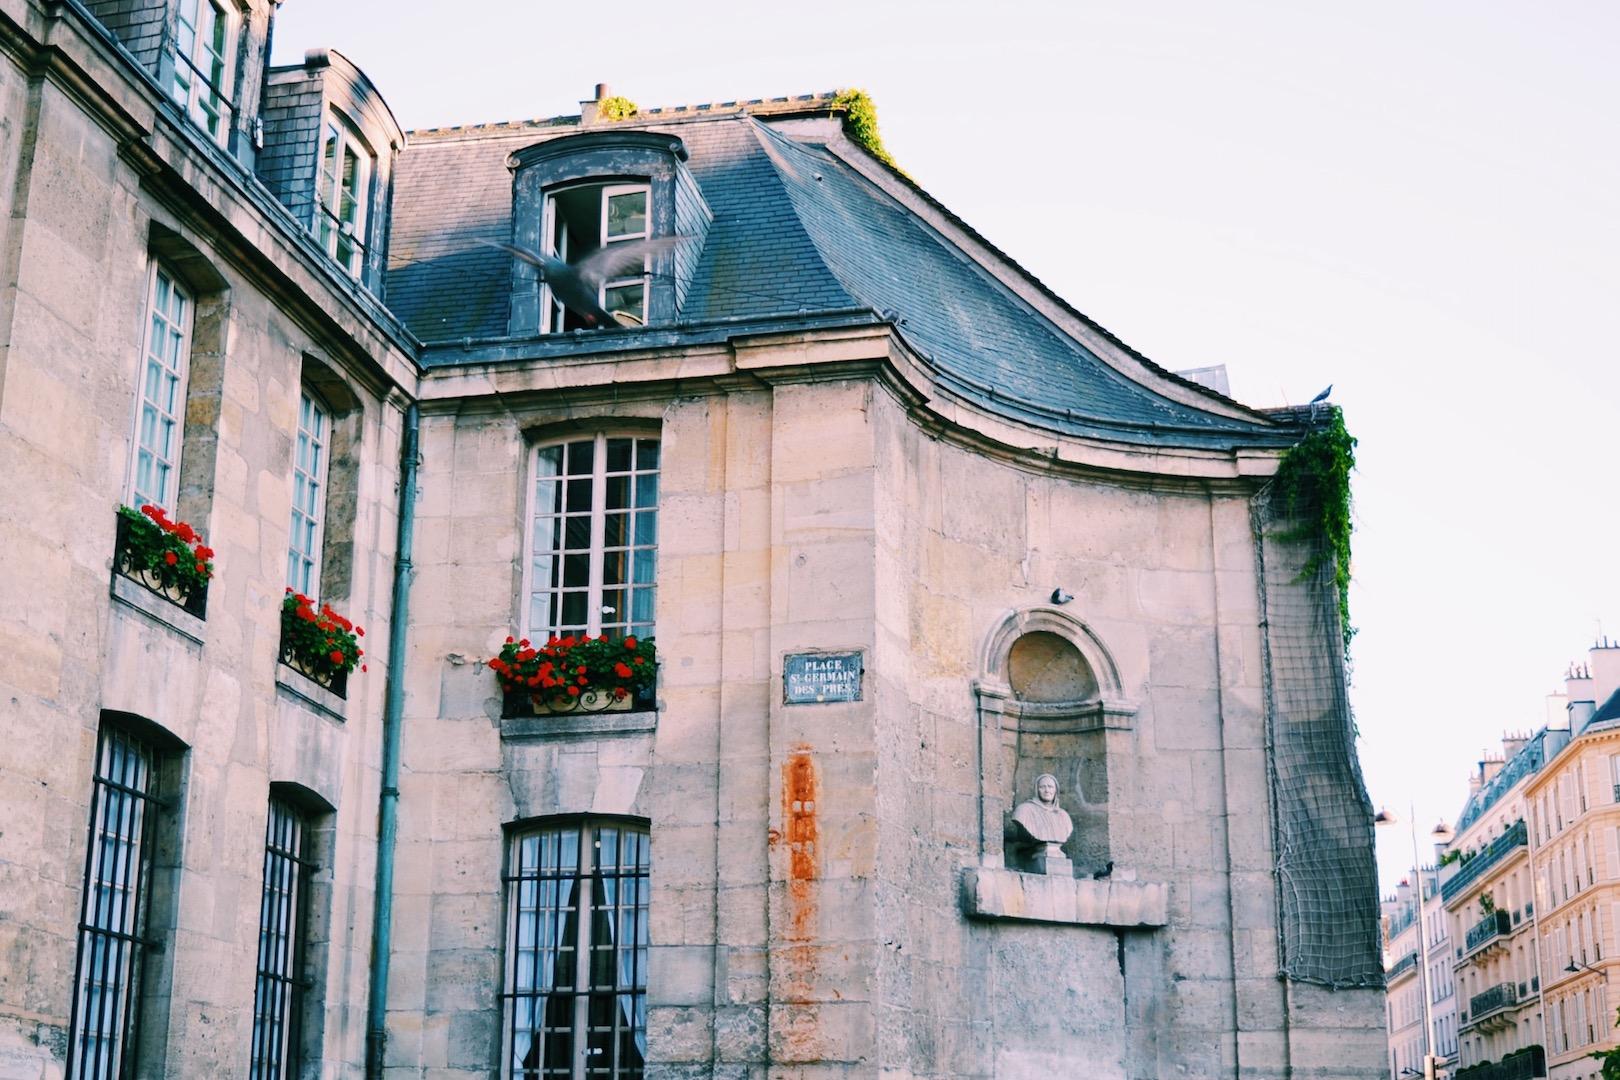 church-saint-germain-des-pres.JPG